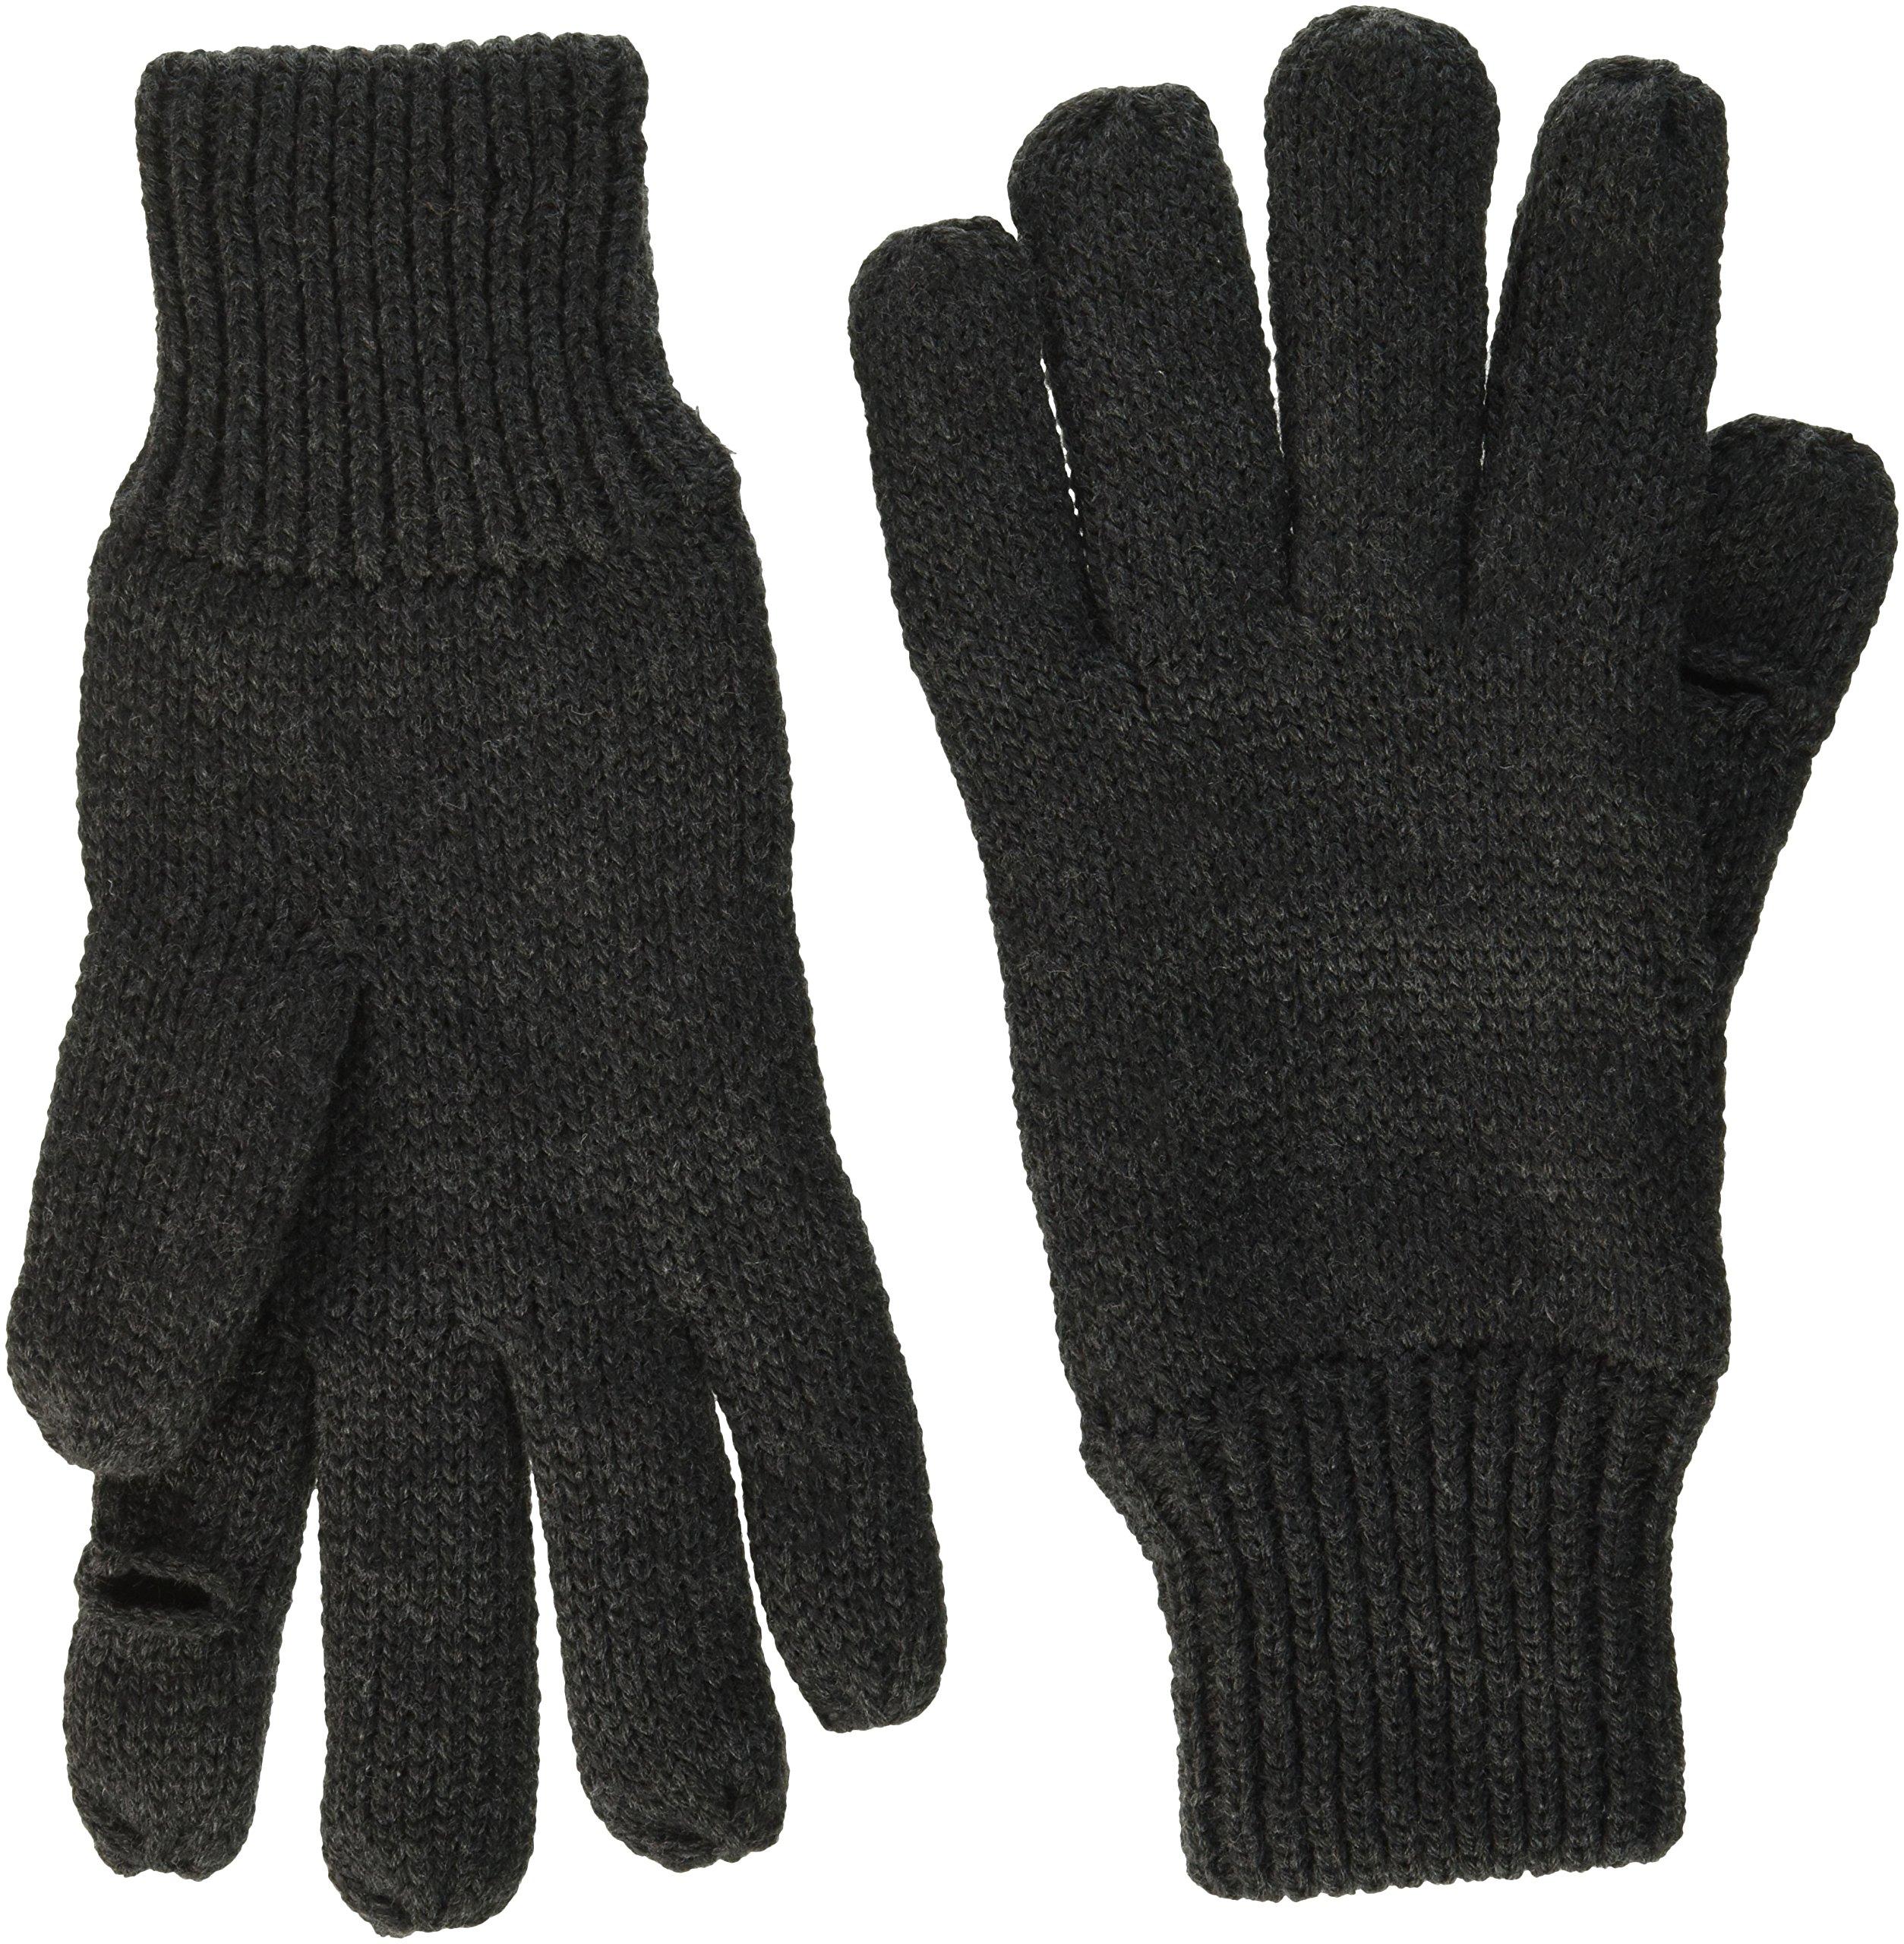 Dockers Men's Fleece Glove, Black, Large